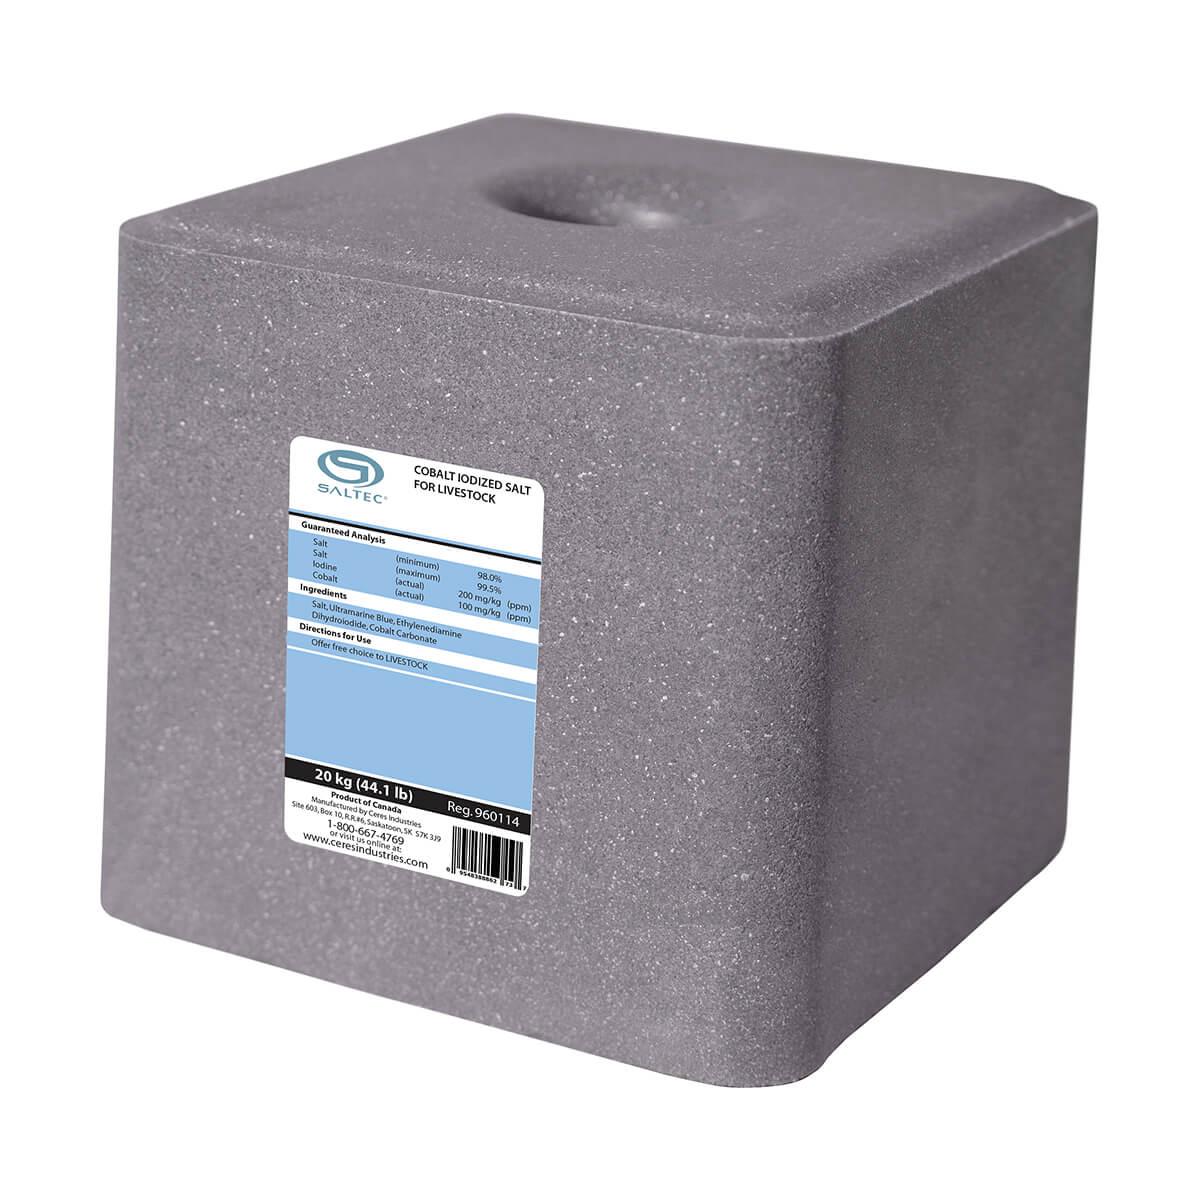 Cobalt Salt - 20 kg